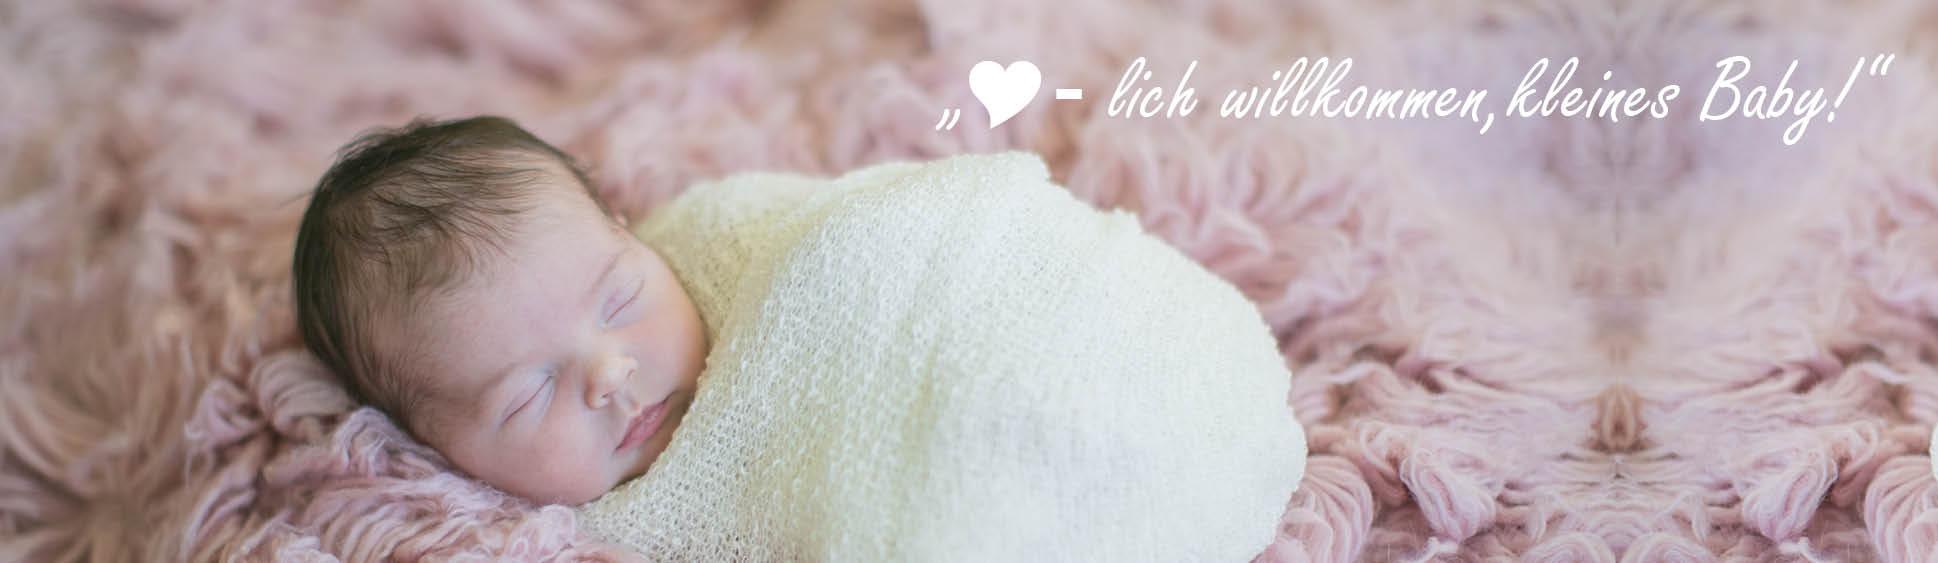 Holen Sie sich unseren VBAO-Babykoffer im Wert von 35,- €!